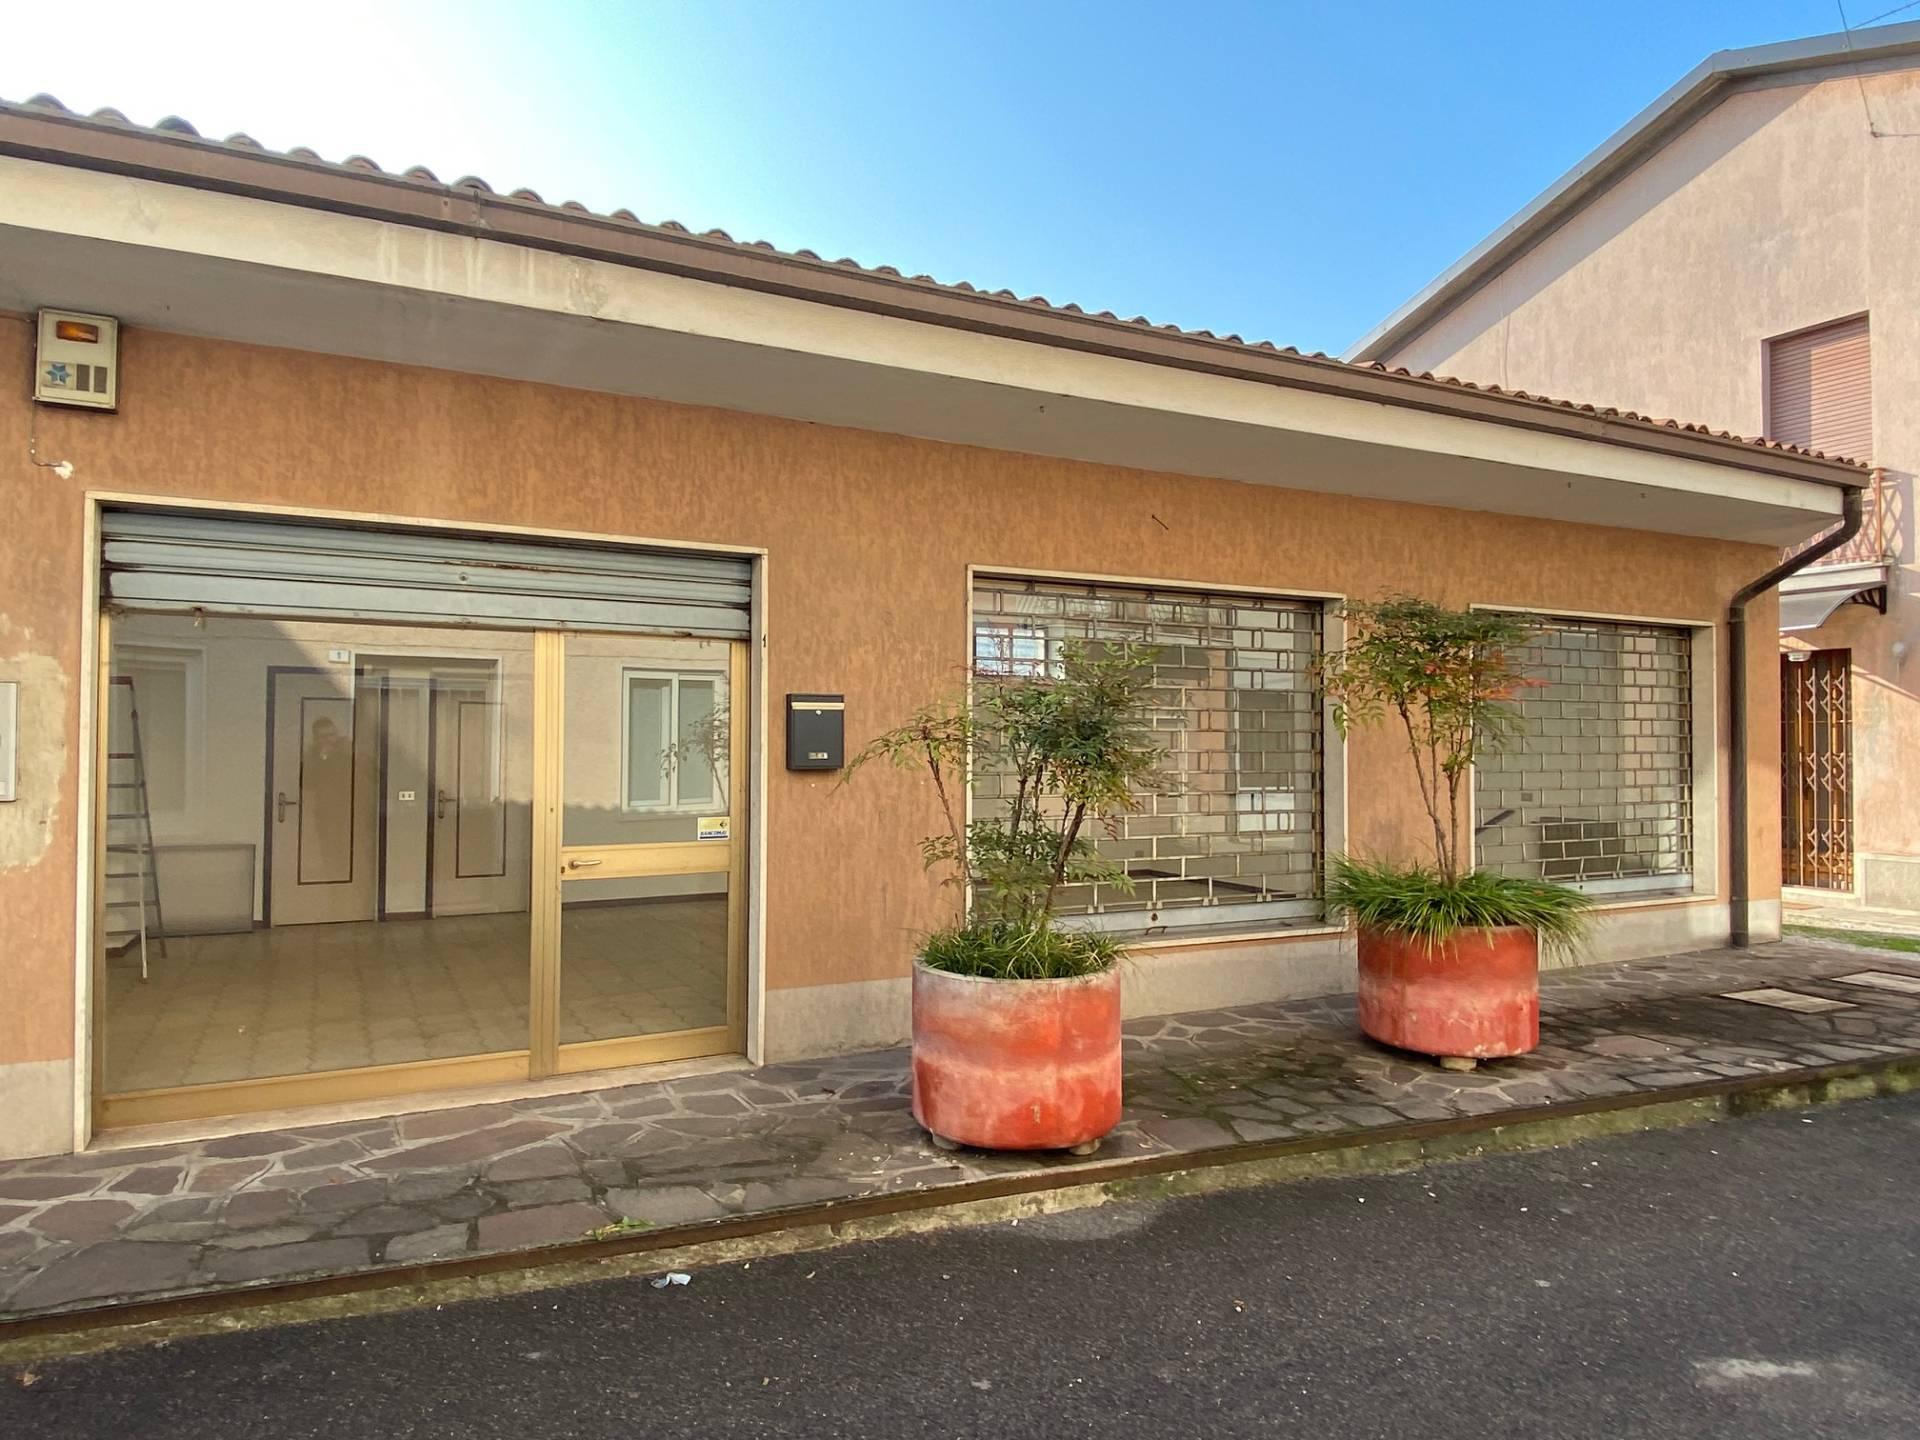 Negozio / Locale in vendita a Palazzolo sull'Oglio, 9999 locali, prezzo € 110.000 | PortaleAgenzieImmobiliari.it